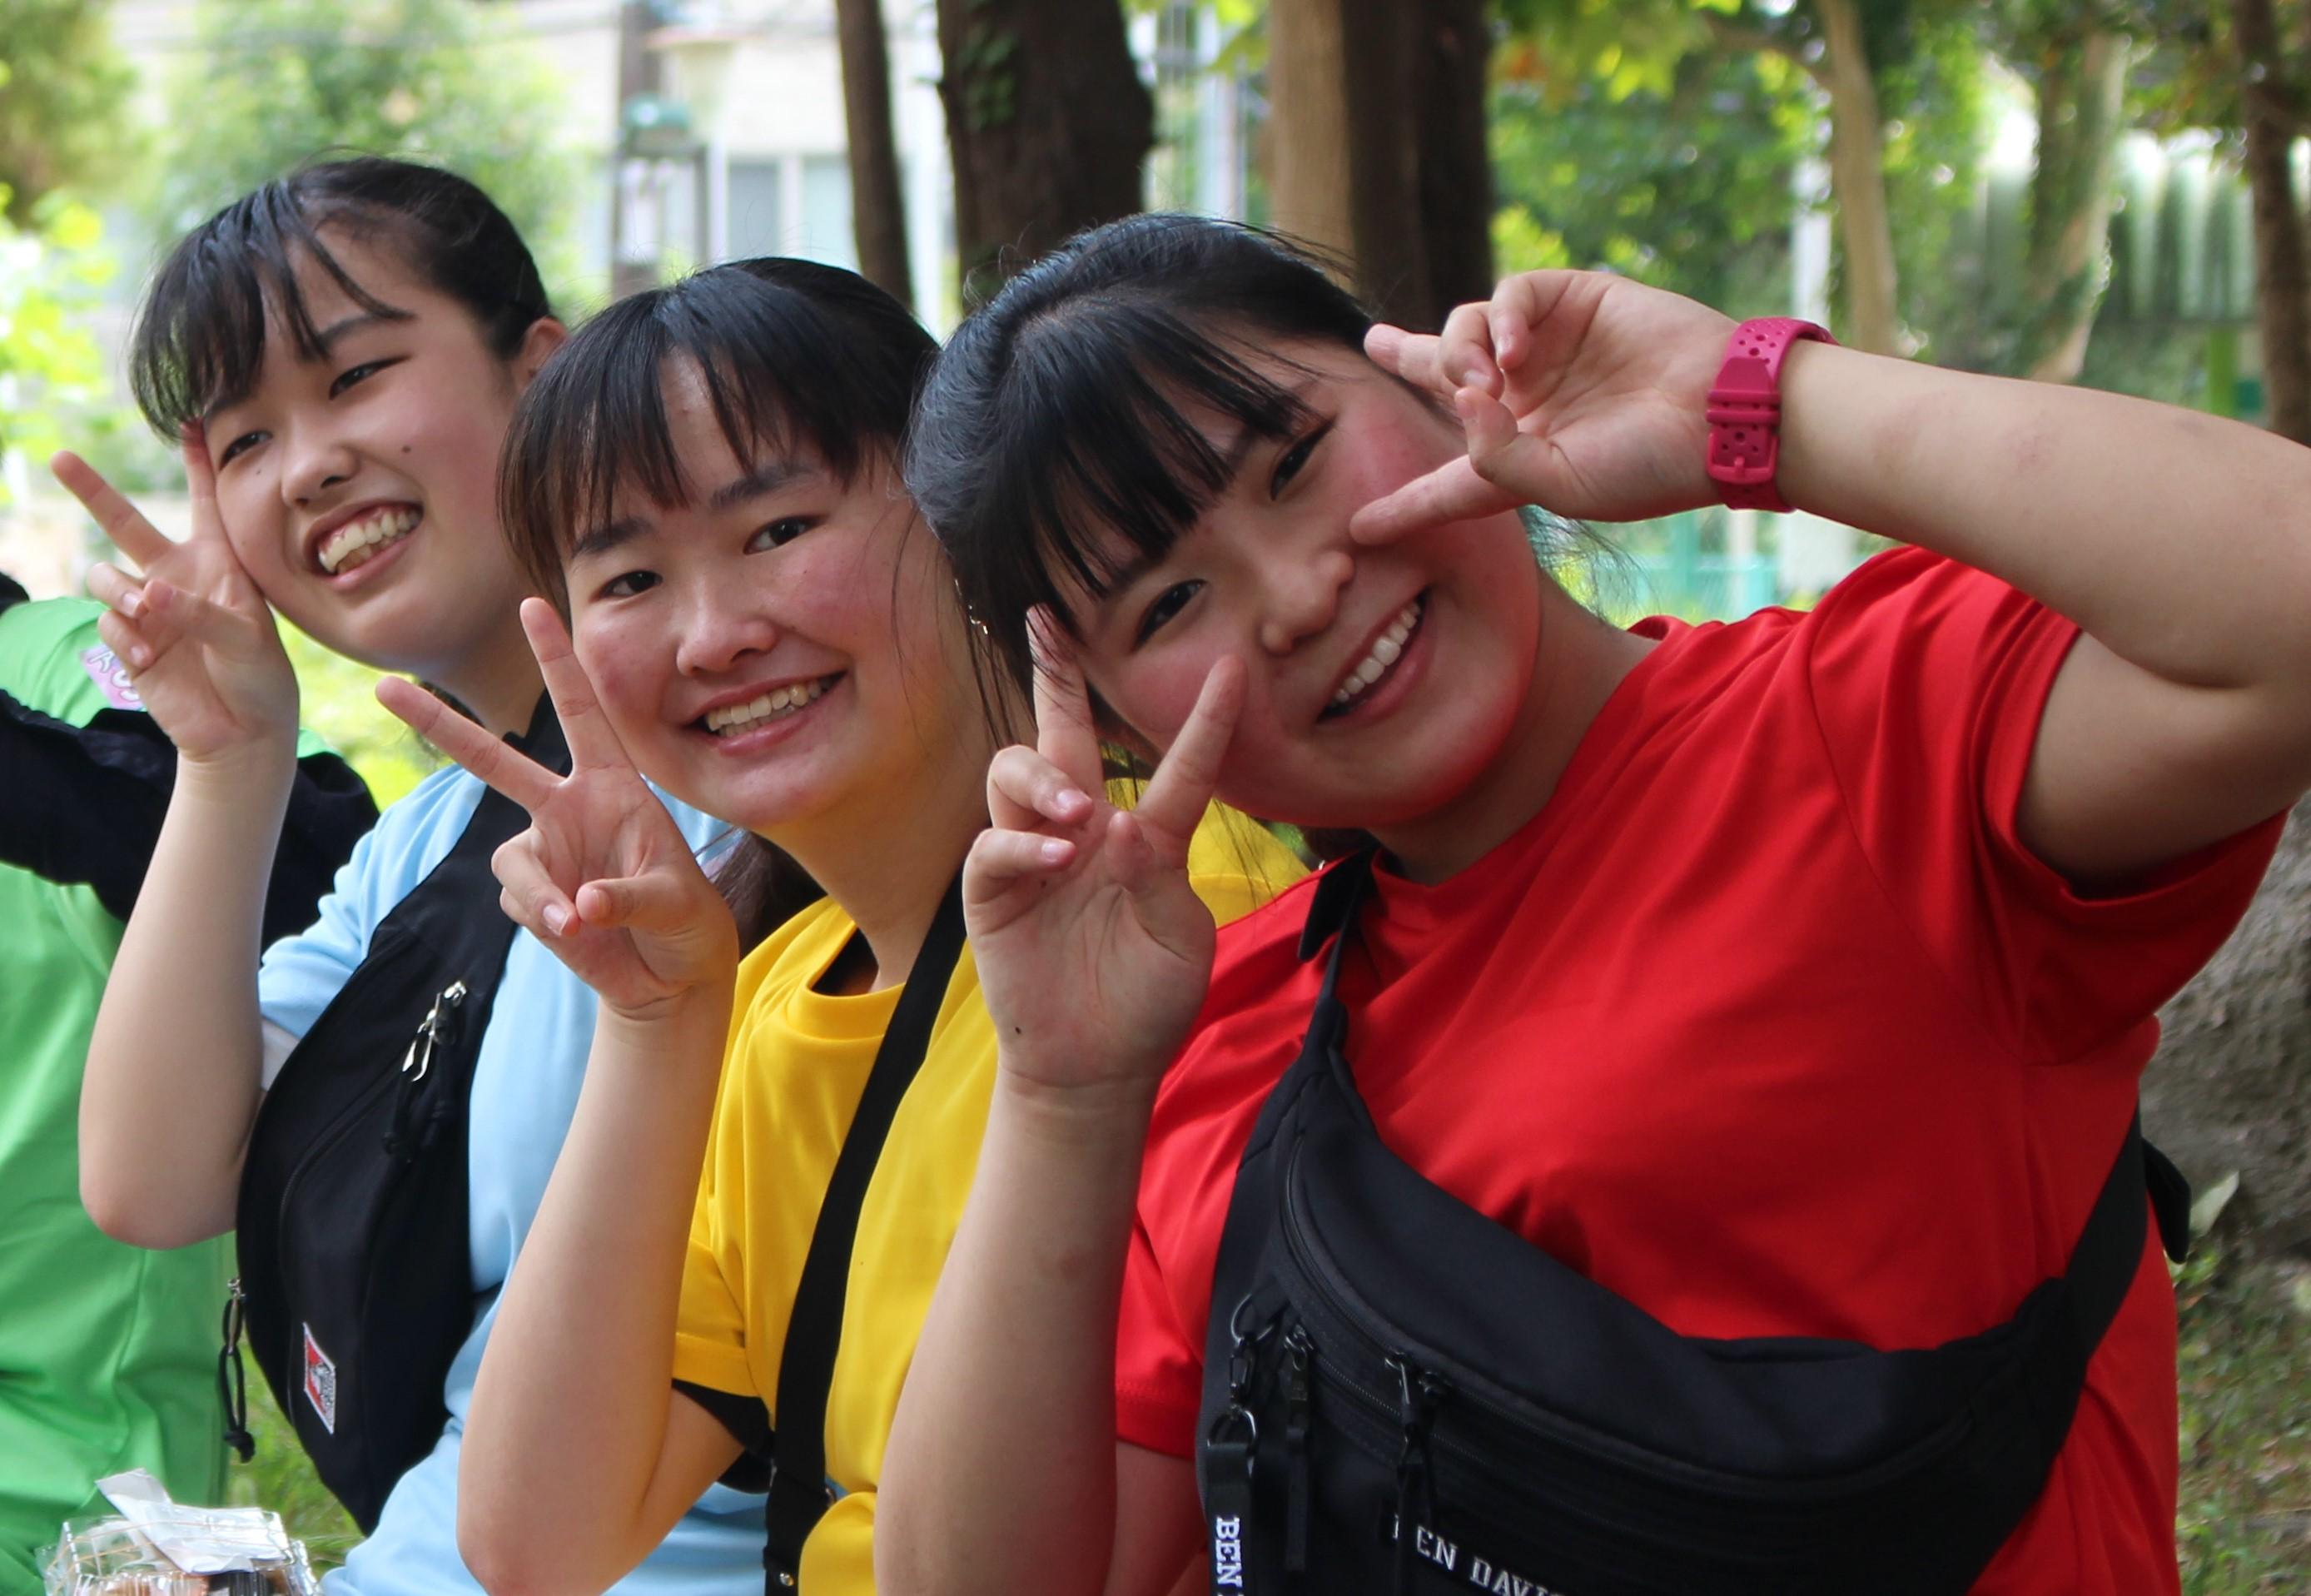 10月10日(日)オープンキャンパス!〈来校型〉〈オンライン配信型〉 ~センパイたちに聞いてみよう!入試のこと、生活のこと!~